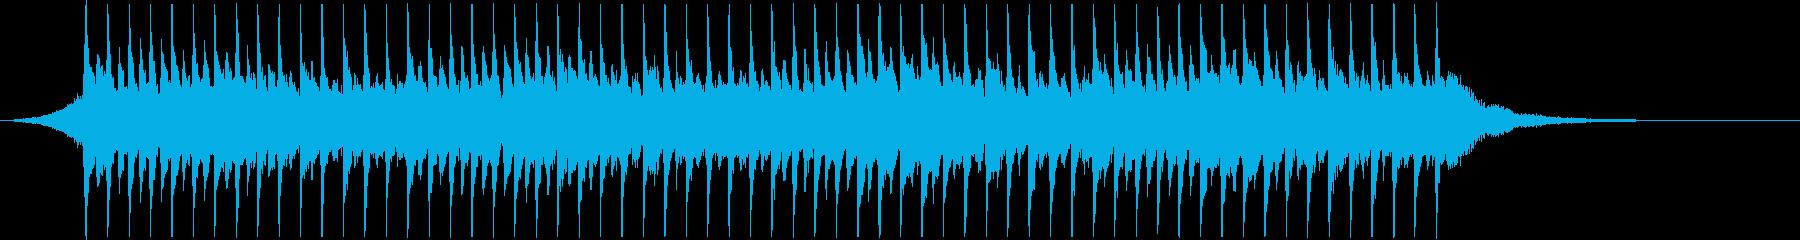 Corporate Piano 142の再生済みの波形